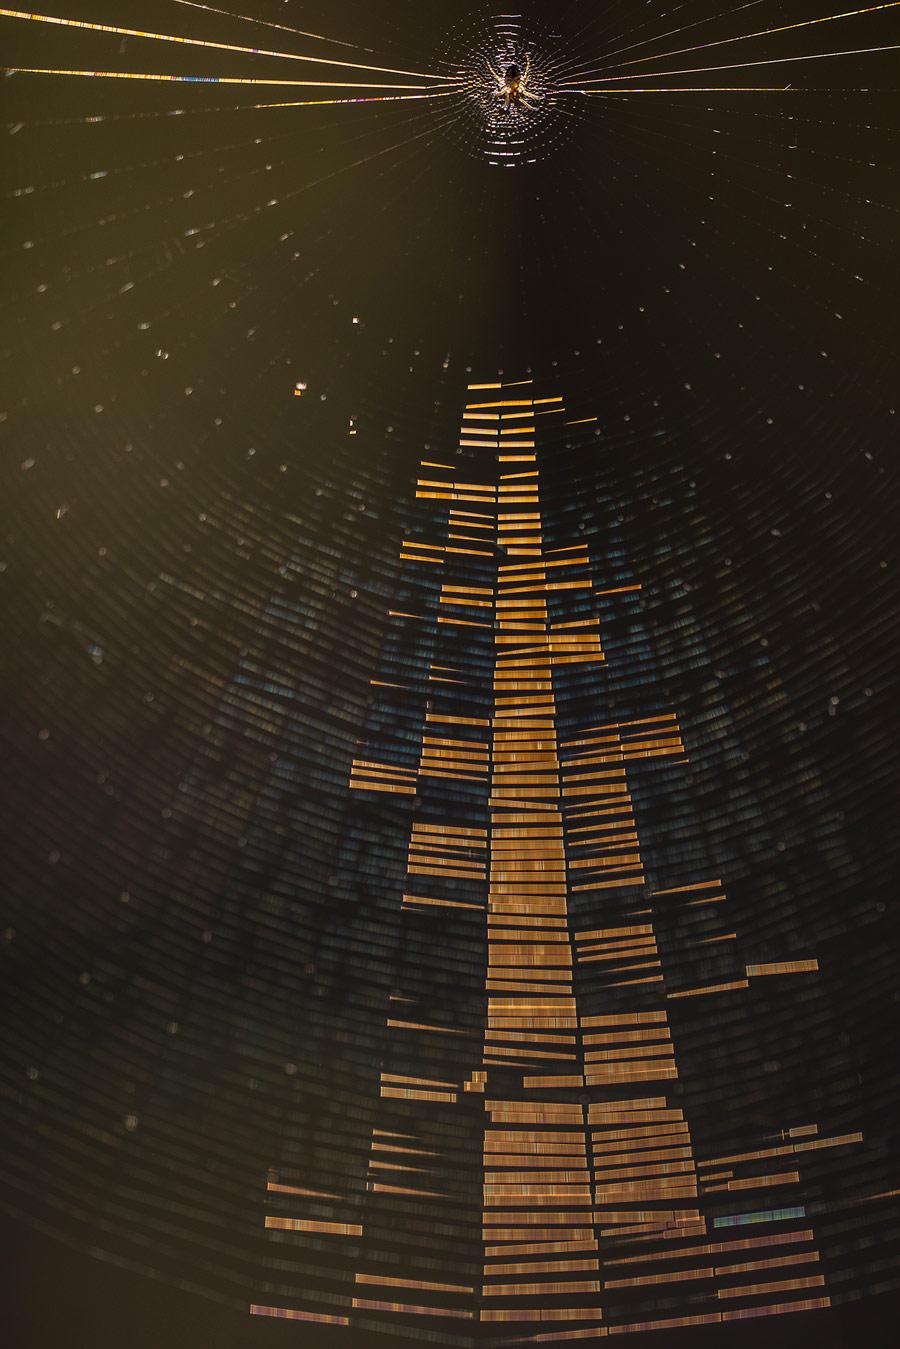 Радиогалактика, © Геннадий Мещеряков, Животный мир, 2 место - Любители, Фотоконкурс Nikon «Я в сердце изображения»